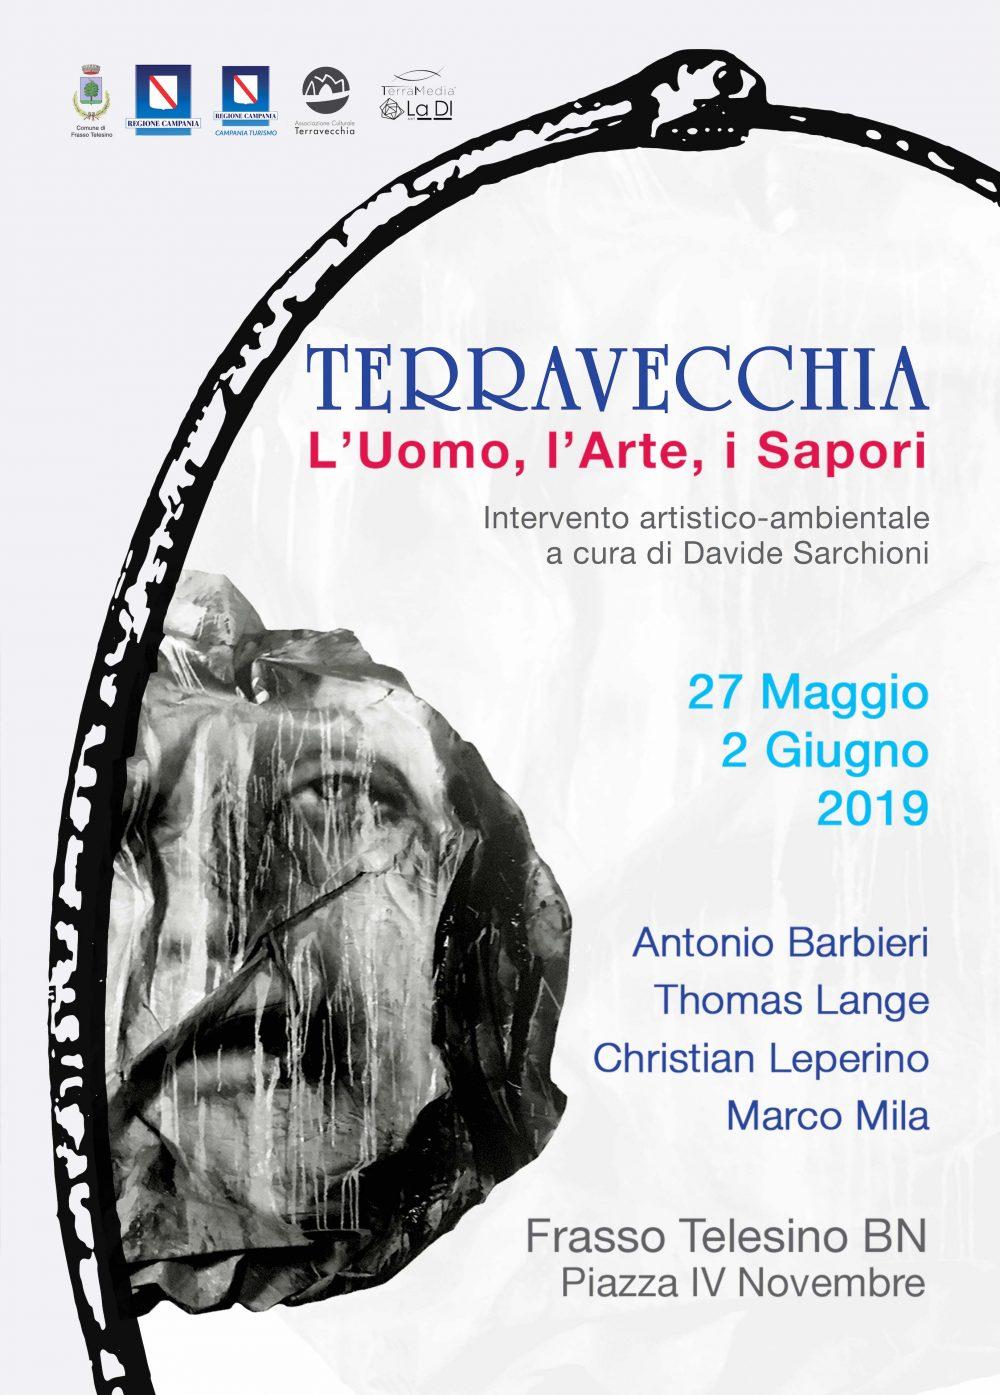 Terravecchia 2019 Artistico